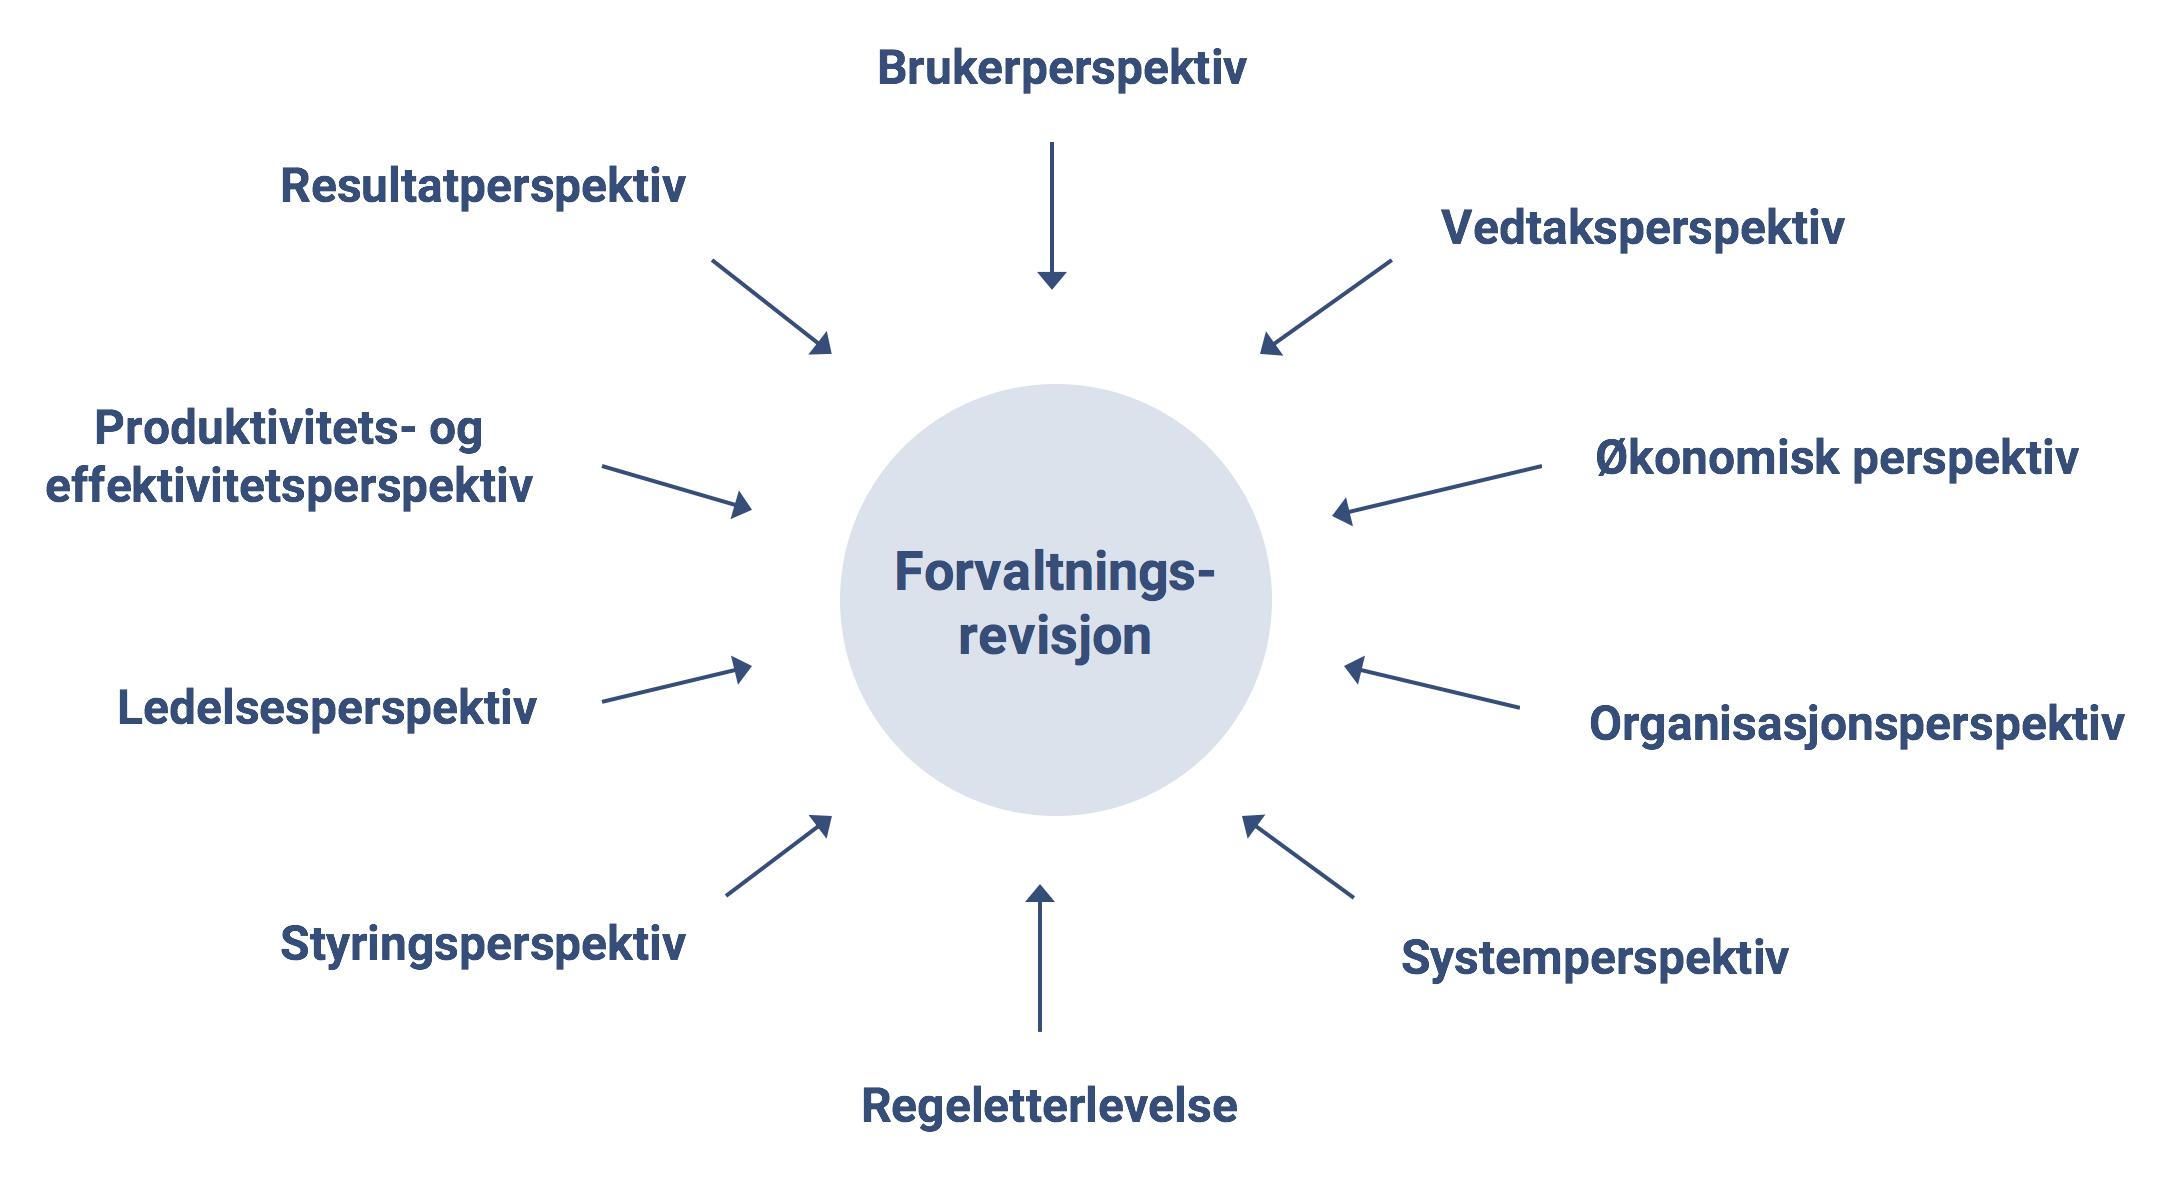 Figur 2 Ulike Perspektiver I Forvaltningsrevisjon